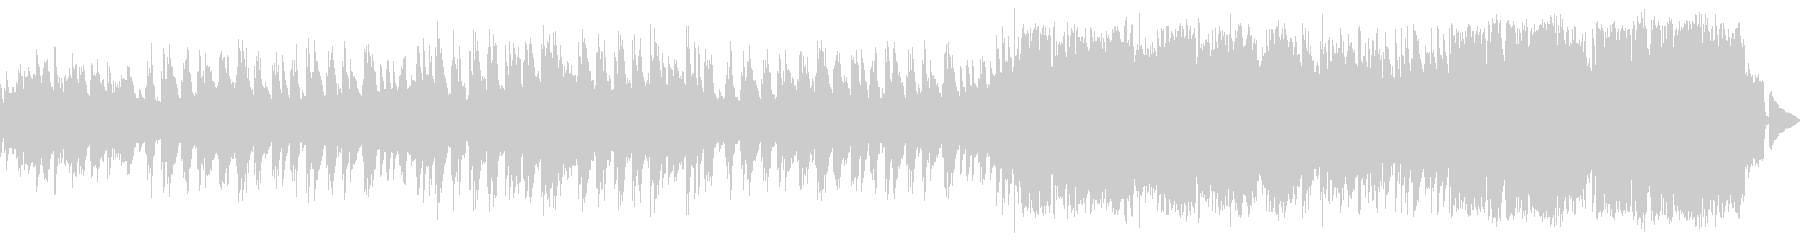 ピアノ中心の優しくてメロディアスなワルツの未再生の波形